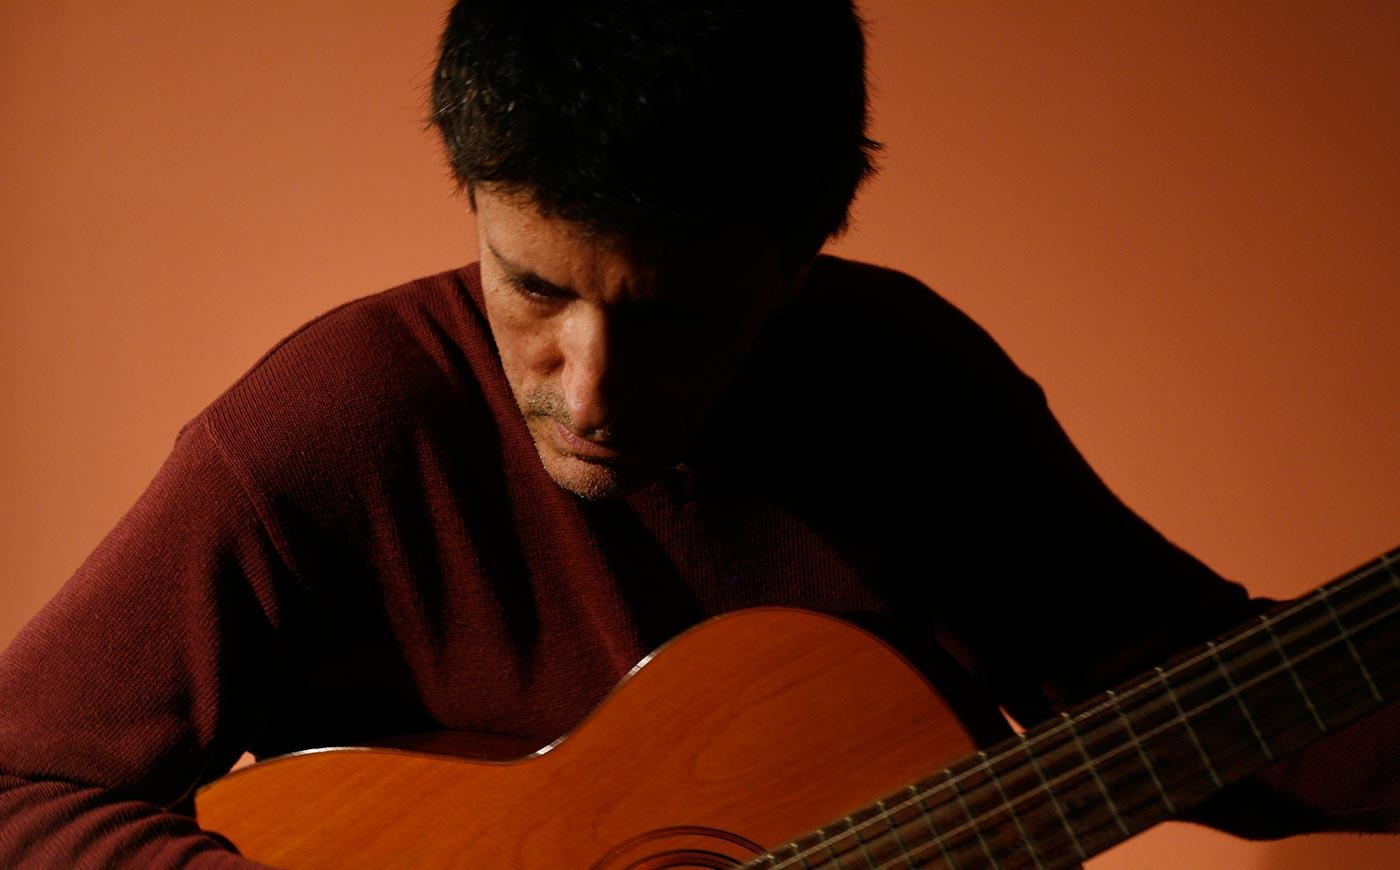 Vinicius Cantuaria